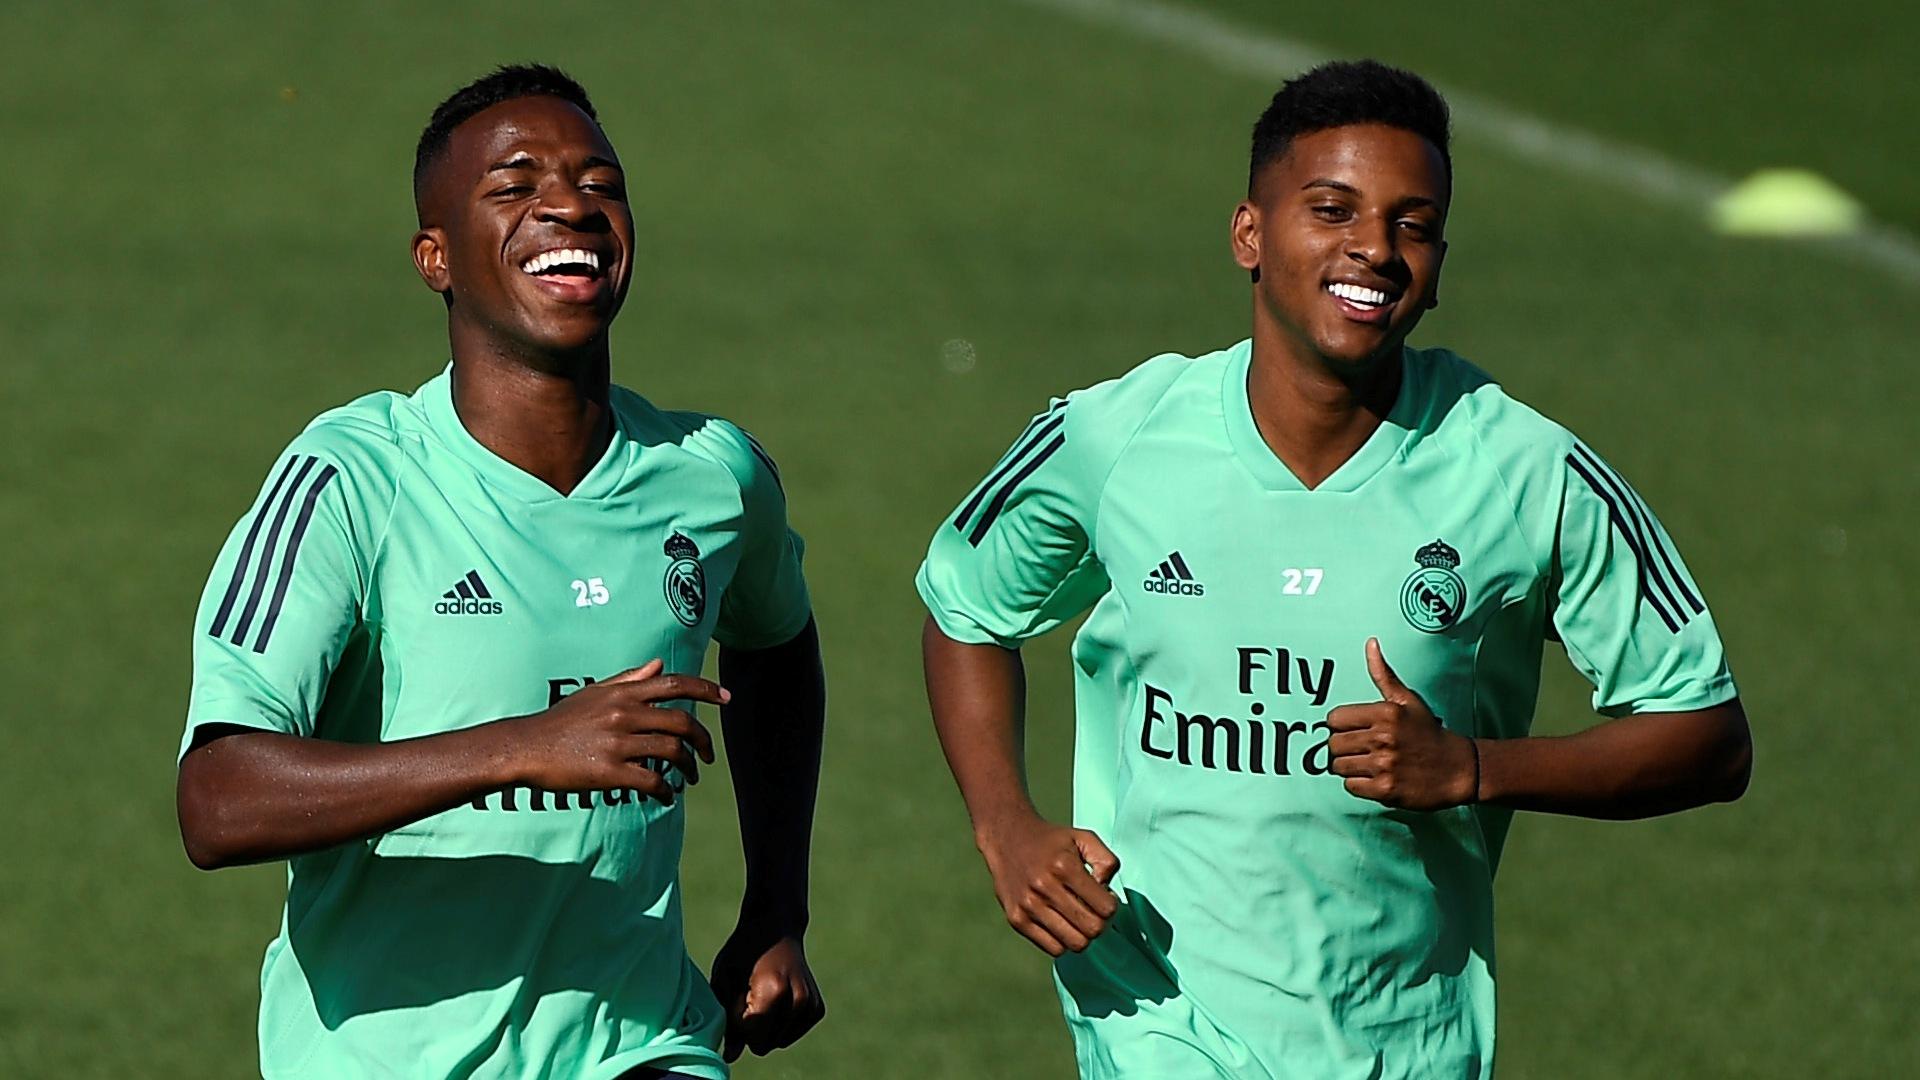 Los datos que confirman la diferencia entre Rodrygo y Vinicius en el Real  Madrid | Goal.com